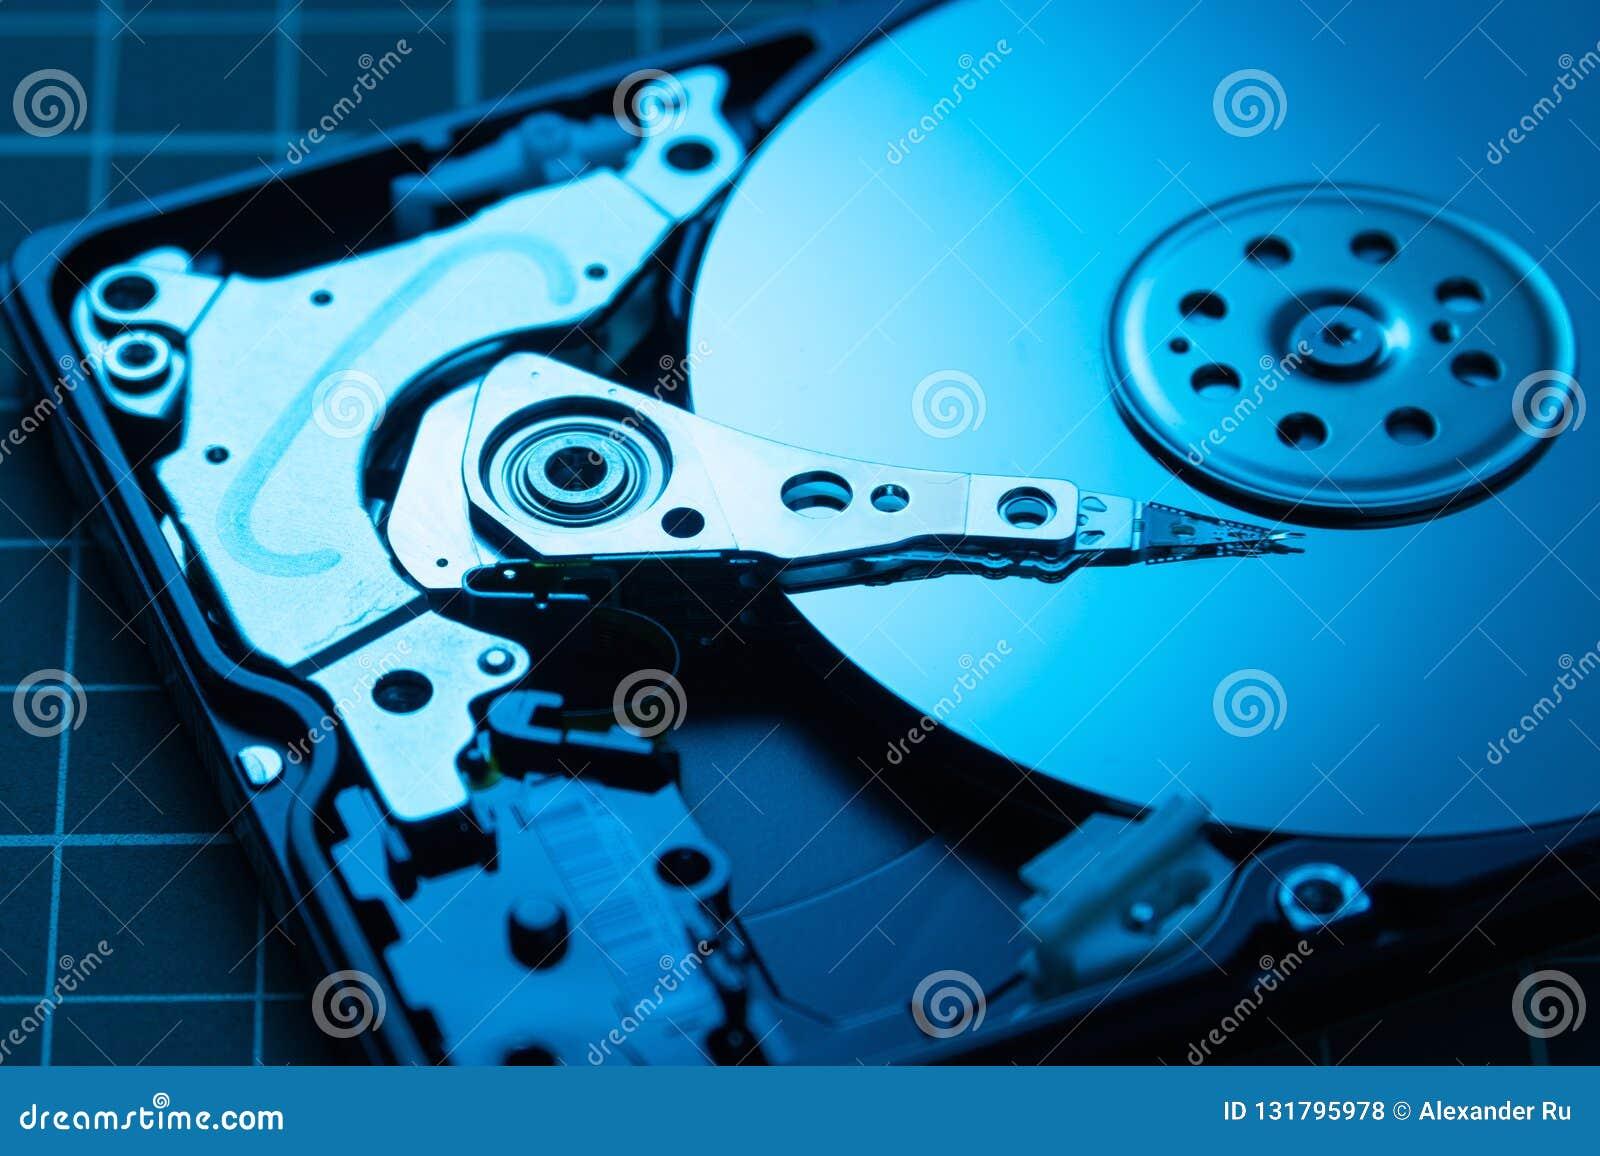 Abra el mecanismo impulsor de disco duro El concepto de almacenamiento de datos arsenal de datos HDD azul